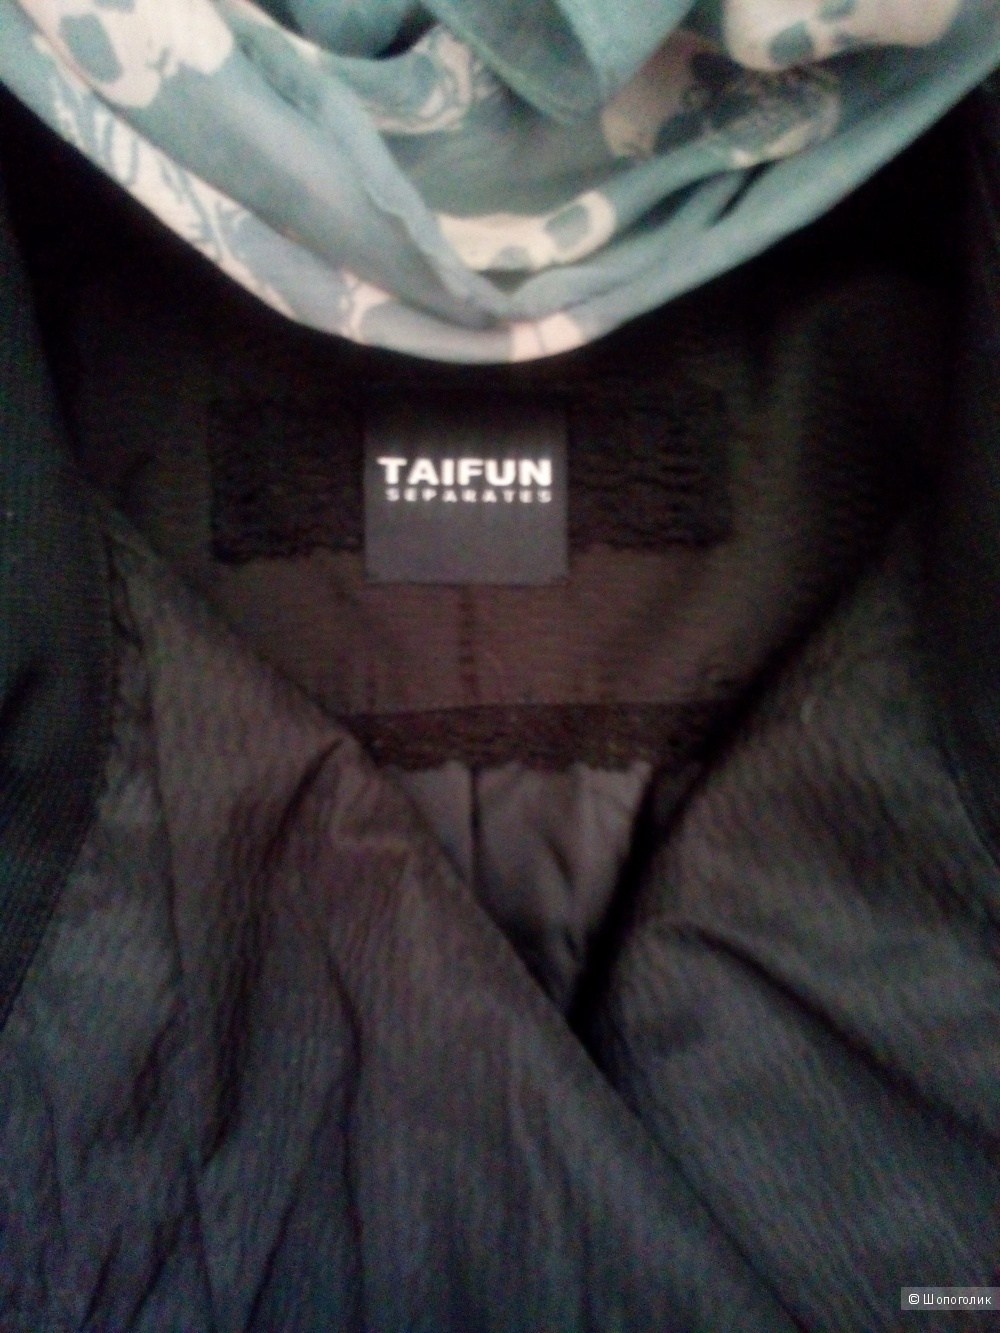 Пальто молодежное TAIFUN(подразделение Gerry Weber )Германия в размере 48 росс.